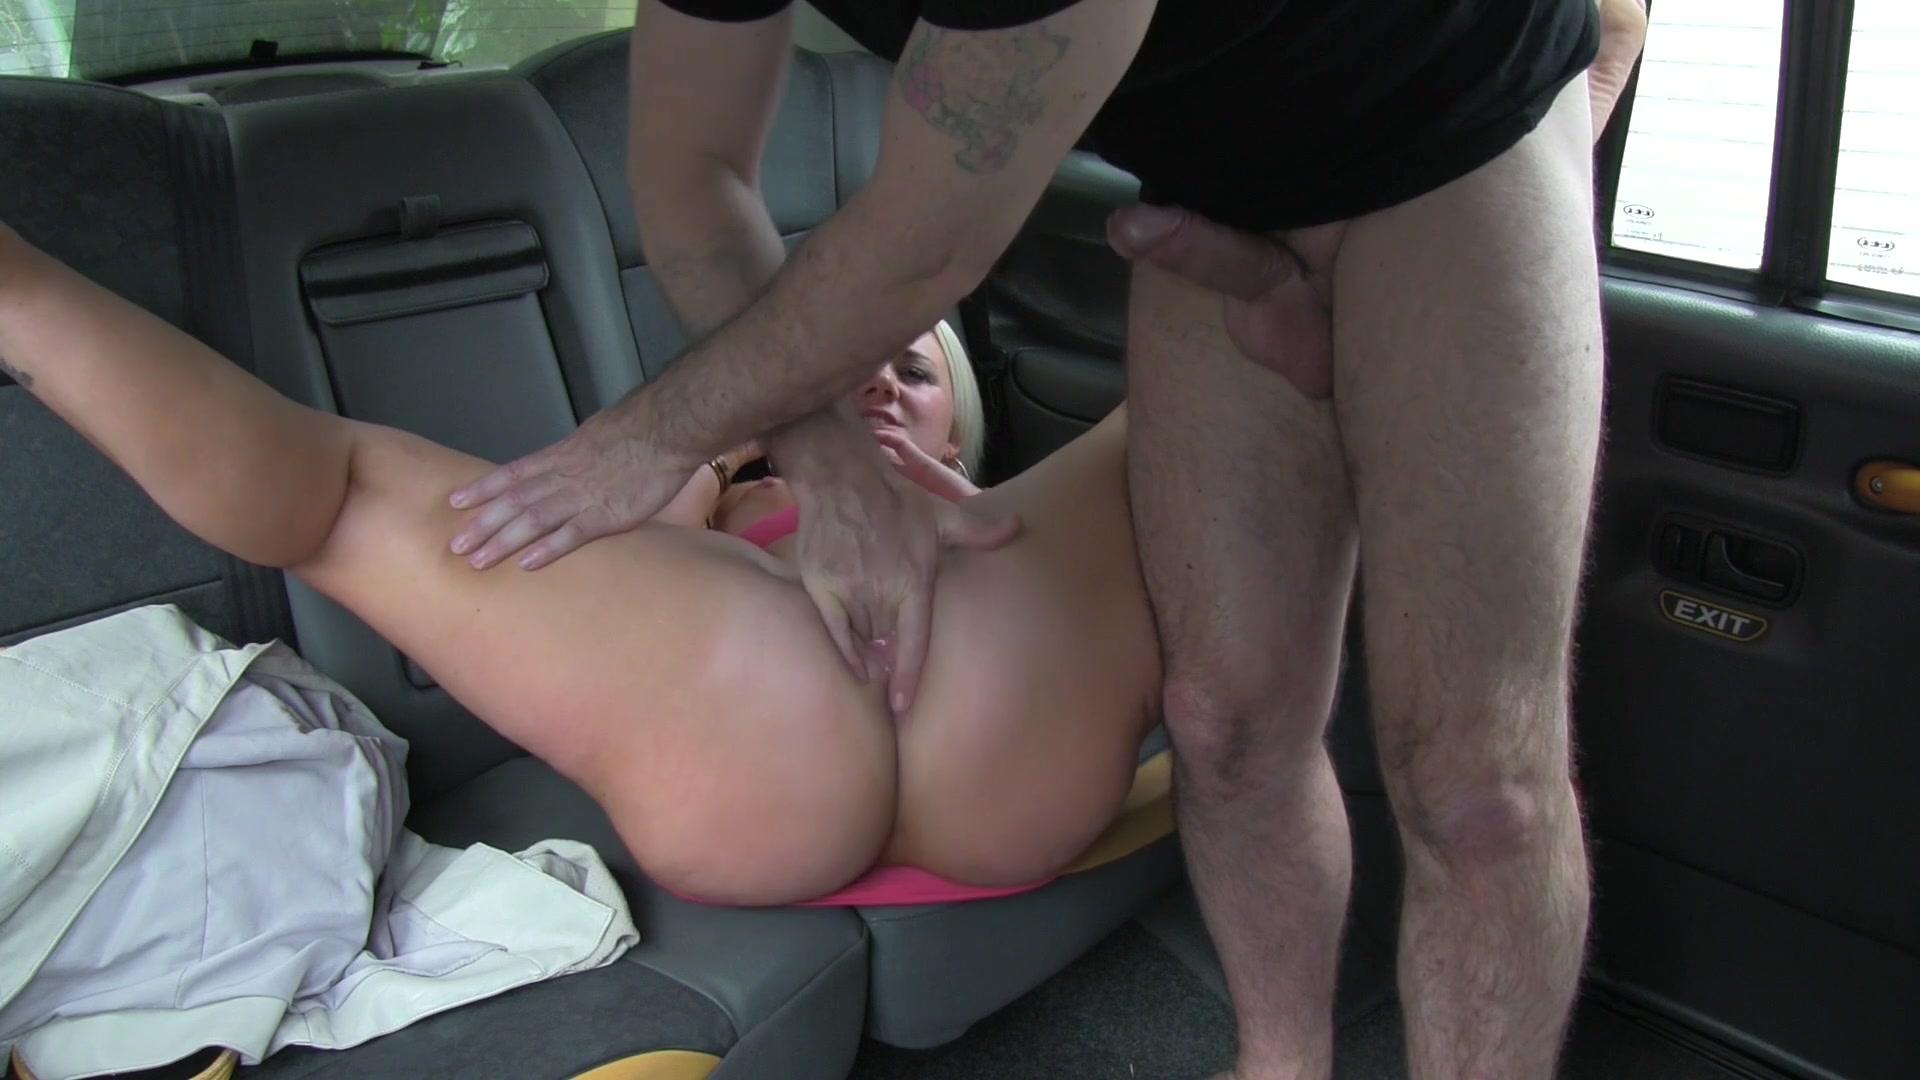 Секс с русской молодой в такси, Порно в такси - fake taxi на 24 видео 16 фотография